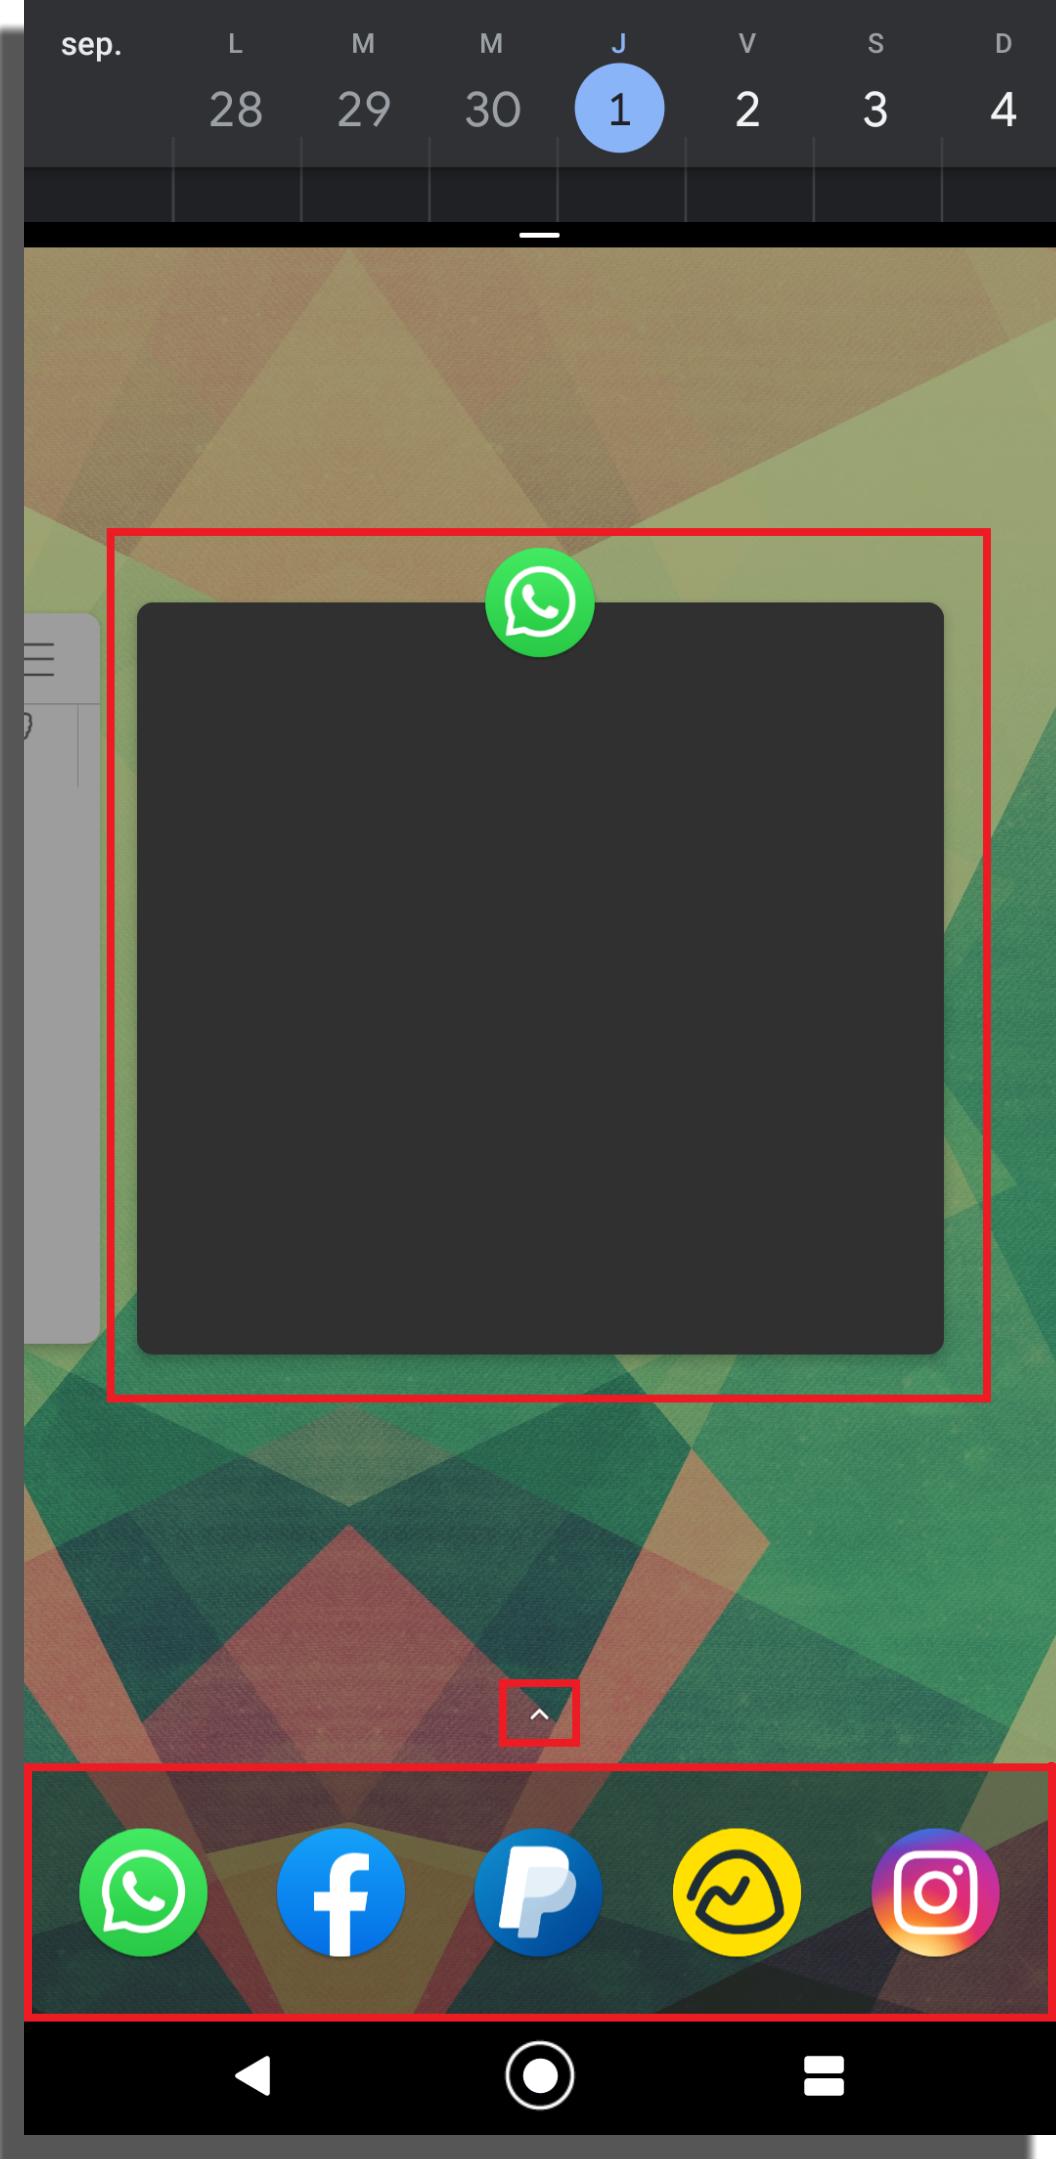 cambiar de app en las ventanas simultáneas